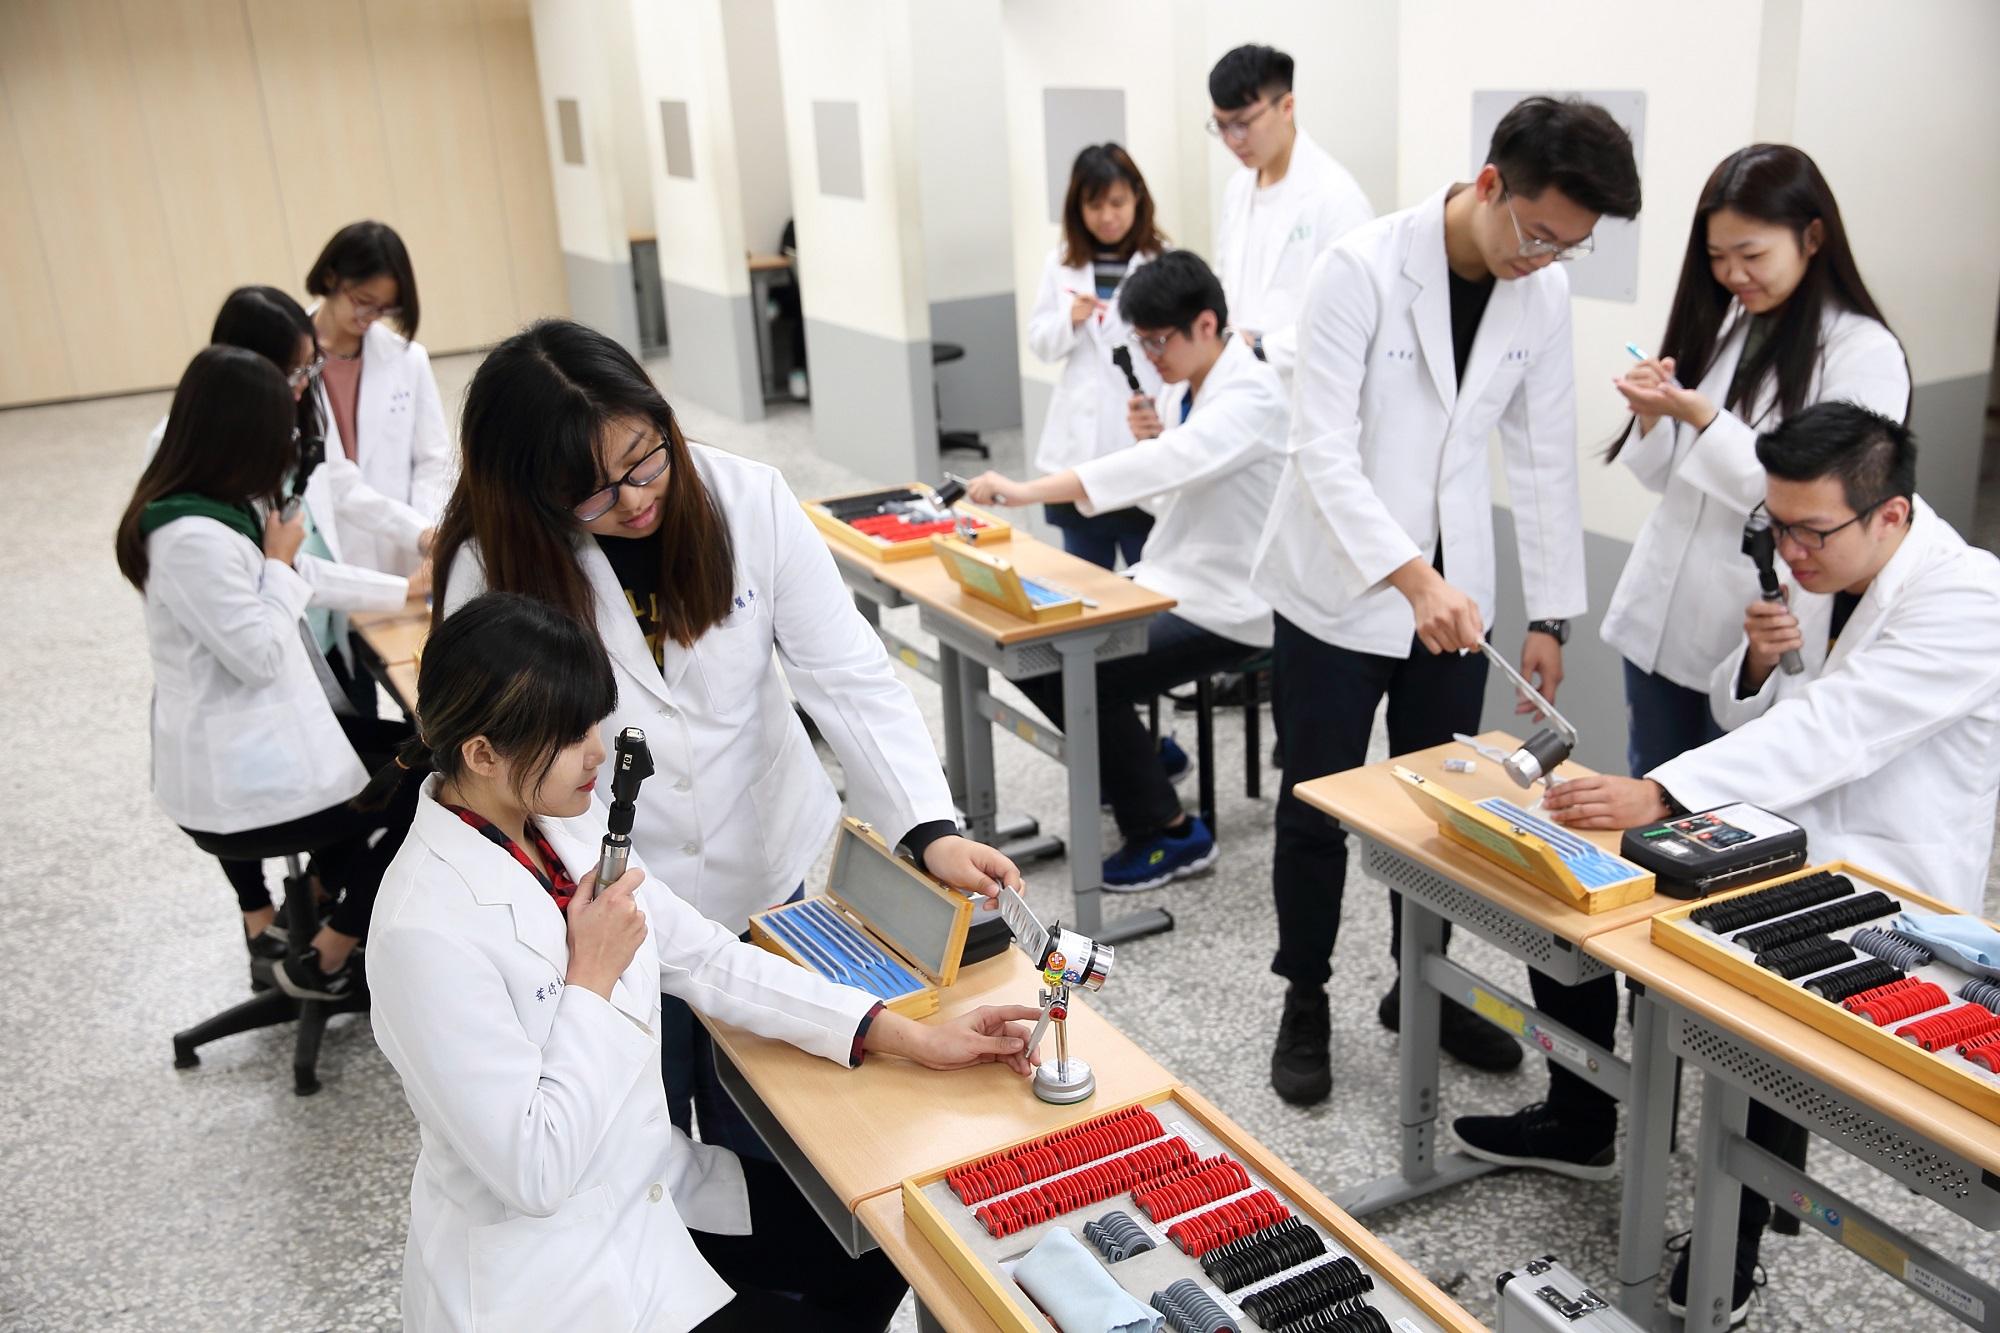 中臺科技大學/培育大健康產業專業人才  好就業薪水高-中臺科技大學